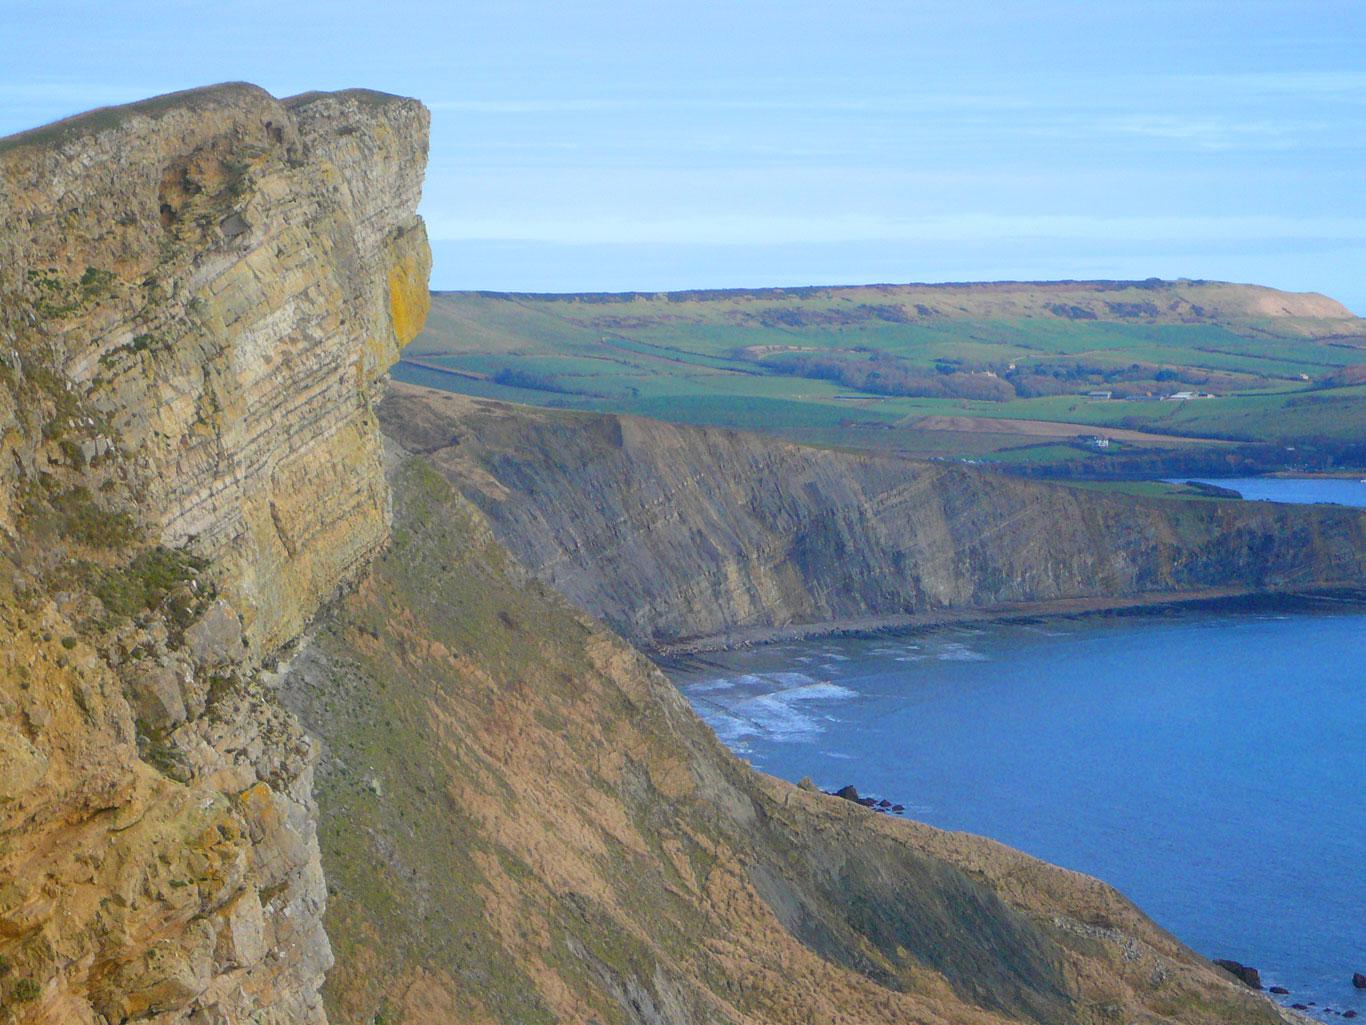 Gad Cliff